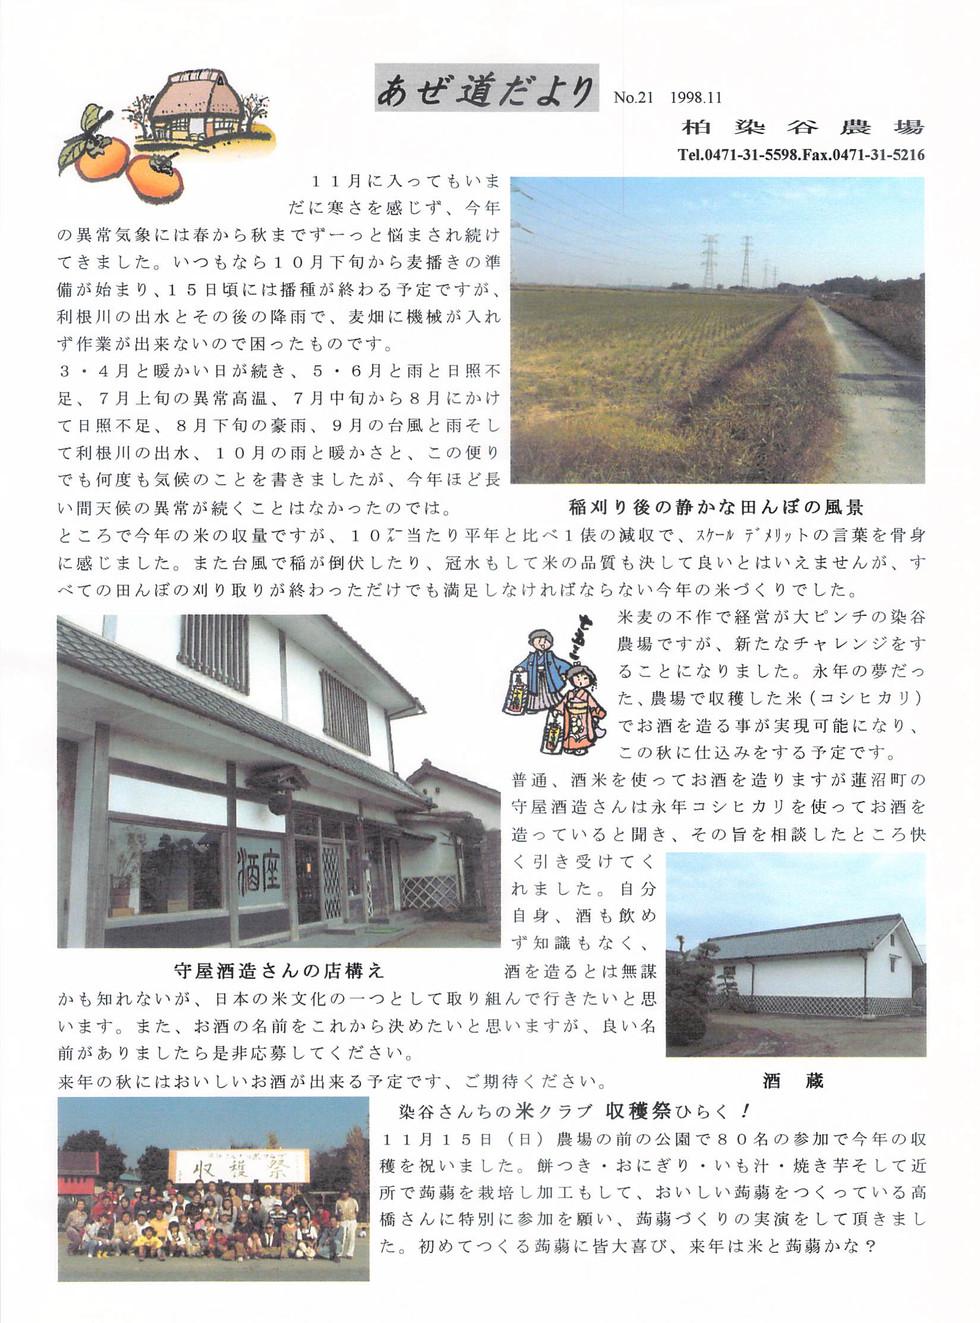 199811_あぜ道だよりNo21.jpg